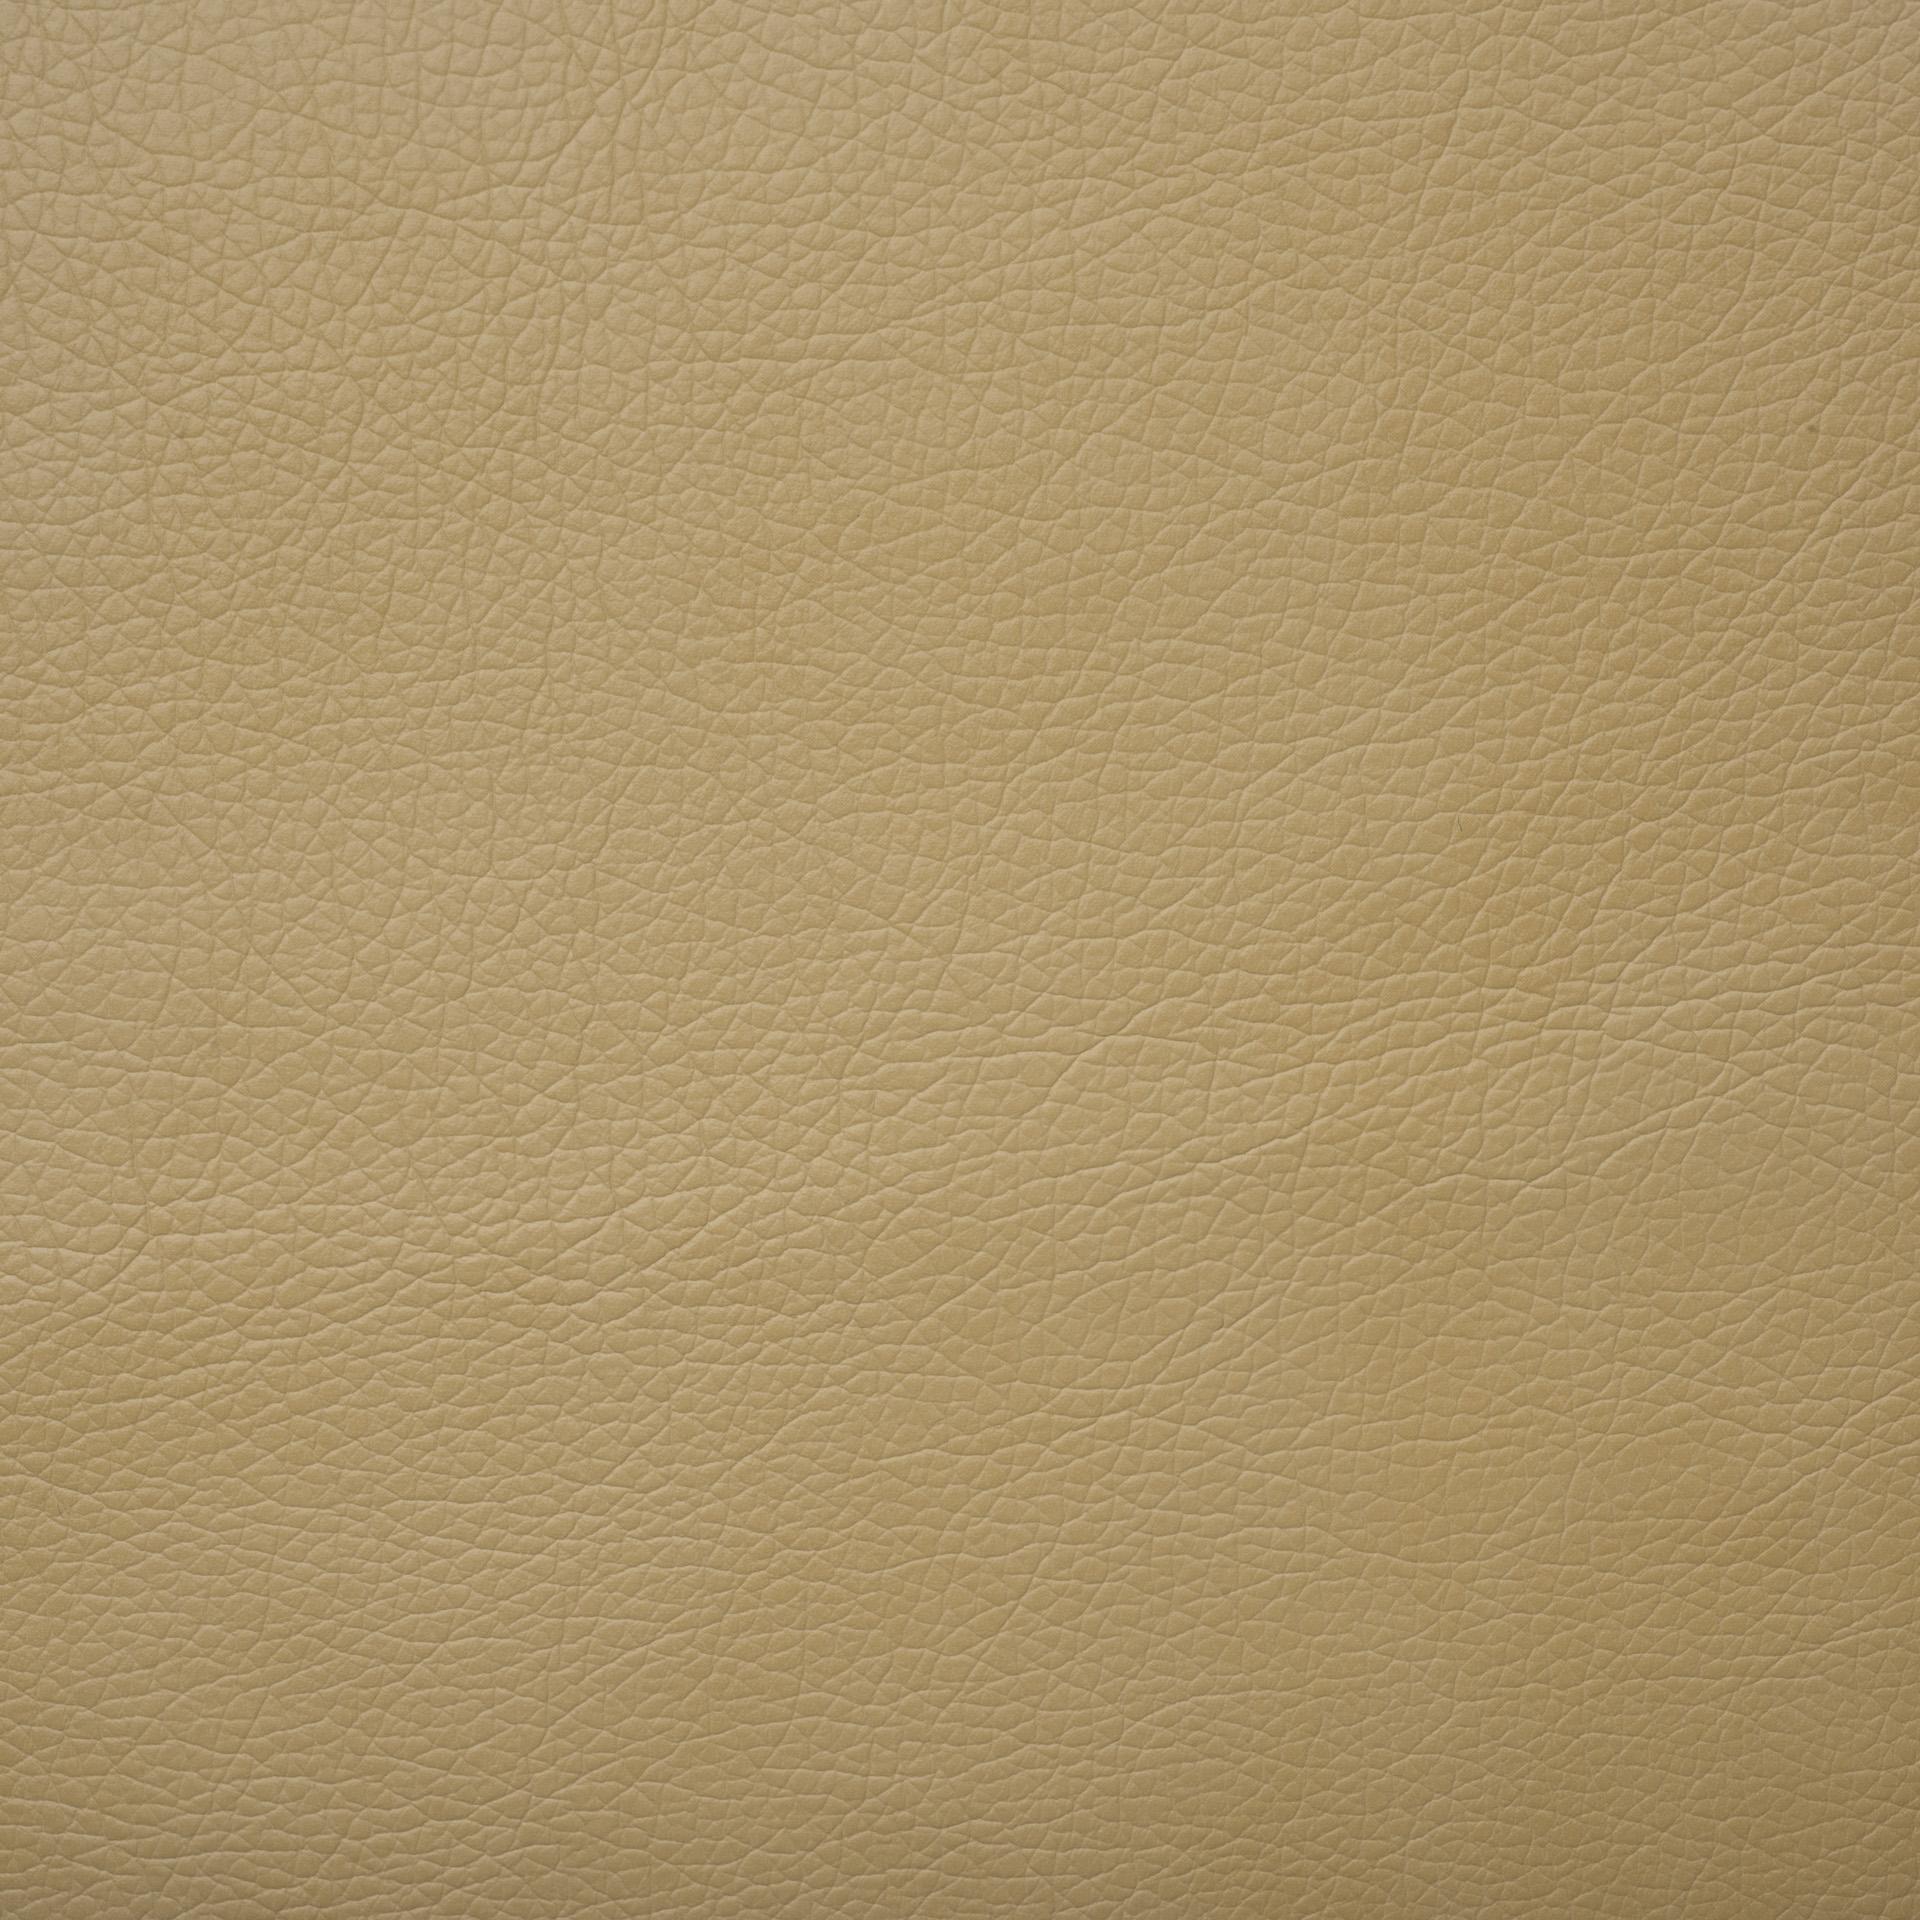 Коллекция ткани Мадрас CREAM,  купить ткань Кож зам для мебели Украина